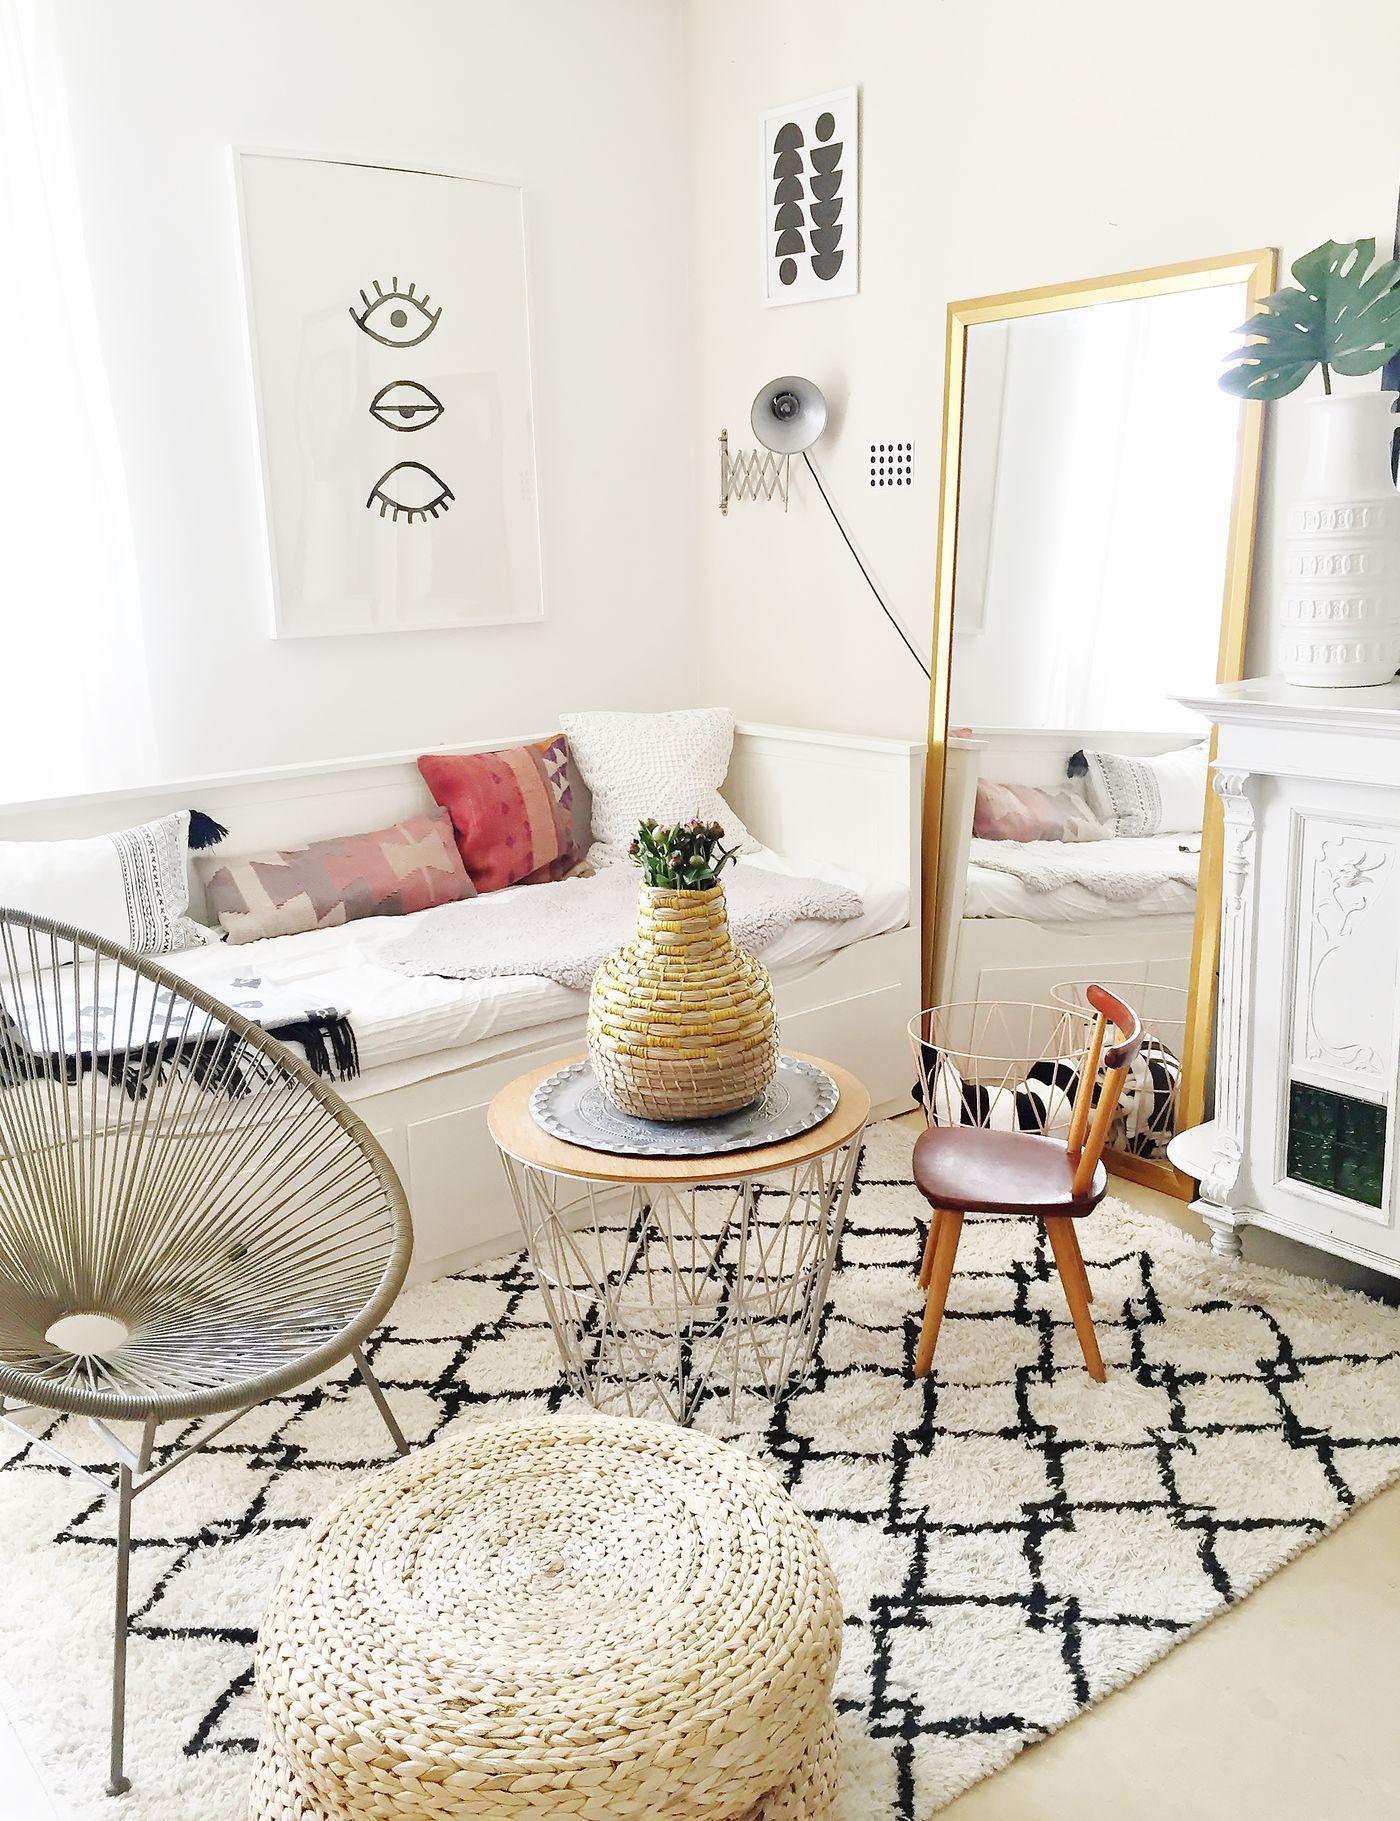 der boho chic wohnstil. Black Bedroom Furniture Sets. Home Design Ideas